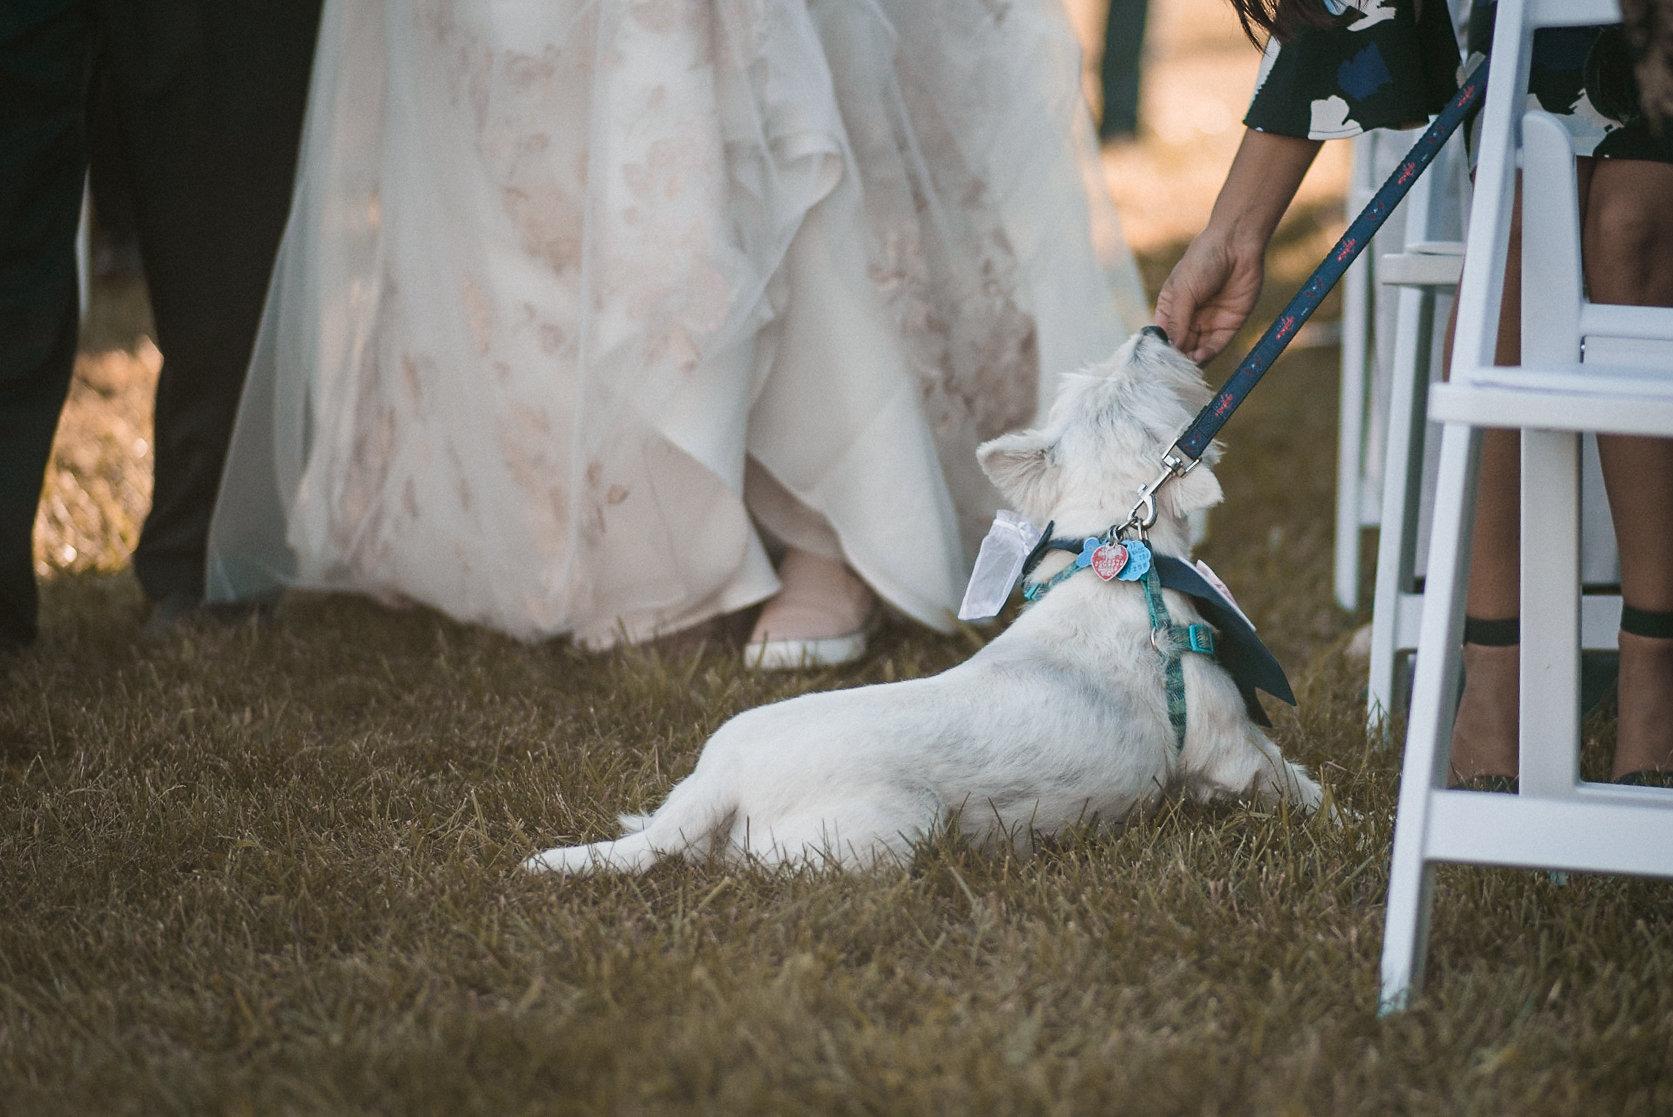 Dog on wedding aisle